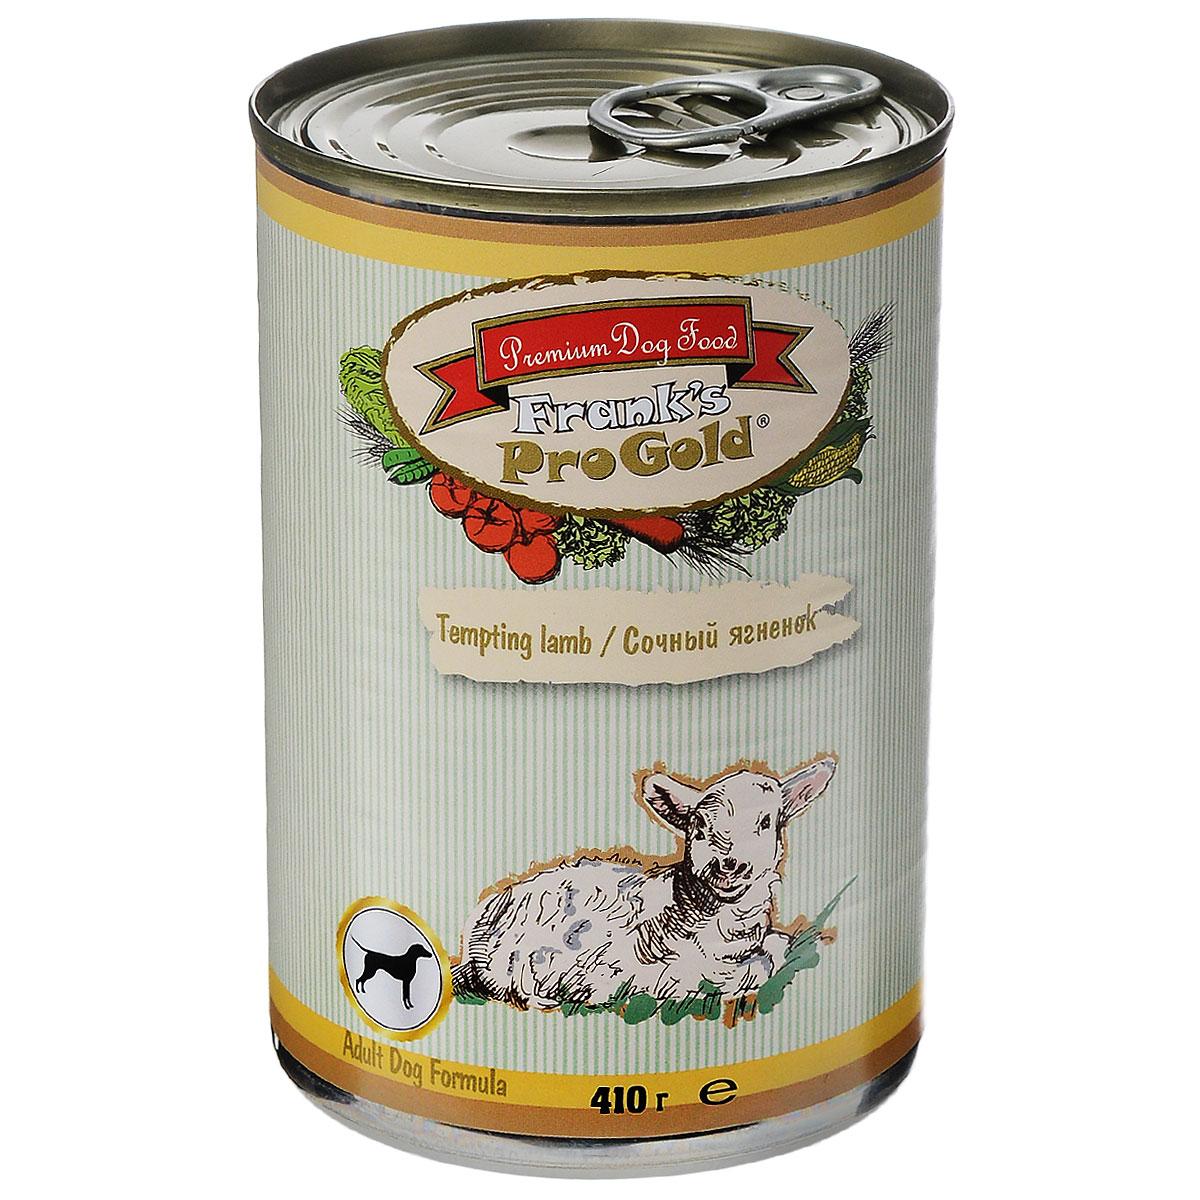 Franks ProGold Консервы для собак Сочный ягненок (Tempting lamb Adult Dog Recipe), 410 г.19418Полнорационный корм для собак. Состав: мясо курицы, ягненок, мясо и его производные, злаки, витамины и минералы. Пищевая ценность: влажность 81 %,белки 6,5 %, жиры 4,5 %, зола 2 %, клетчатка 0,5. Добавки: Витамин A 1600 IU, Витамин D 140 IU, Витамин E 10 IU, Iron E1 24 mg, Железо E1 24 мг/кг, Марганец E5 6 мг/кг, Цинк E6 15 мг/кг, Иодин E2 0,3 мг/кг. Калорийность: 393,6 калл. Условия хранения: в прохладном темном месте.